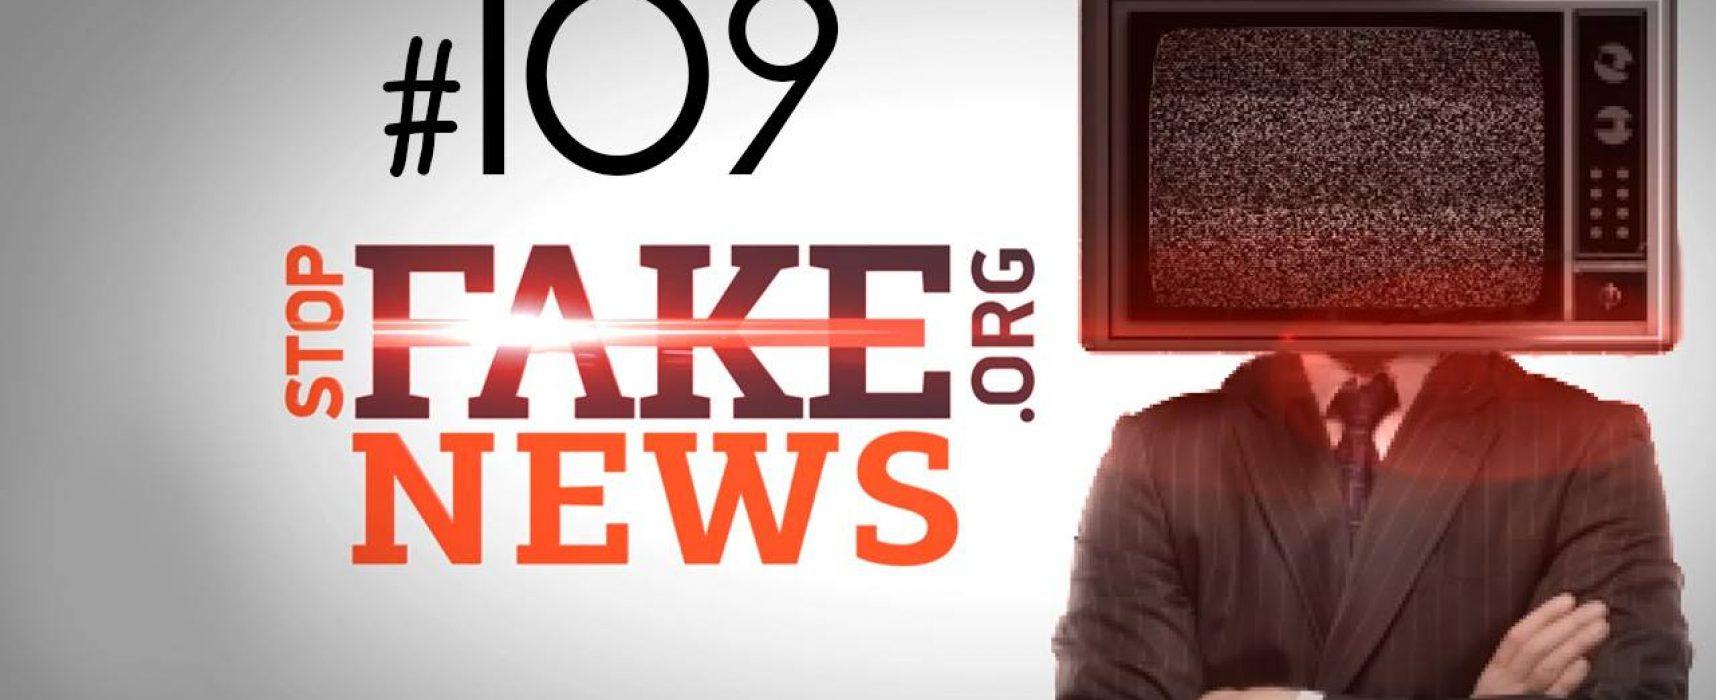 StopfakeNews#109. Кто и кого хочет выселить из Крыма?